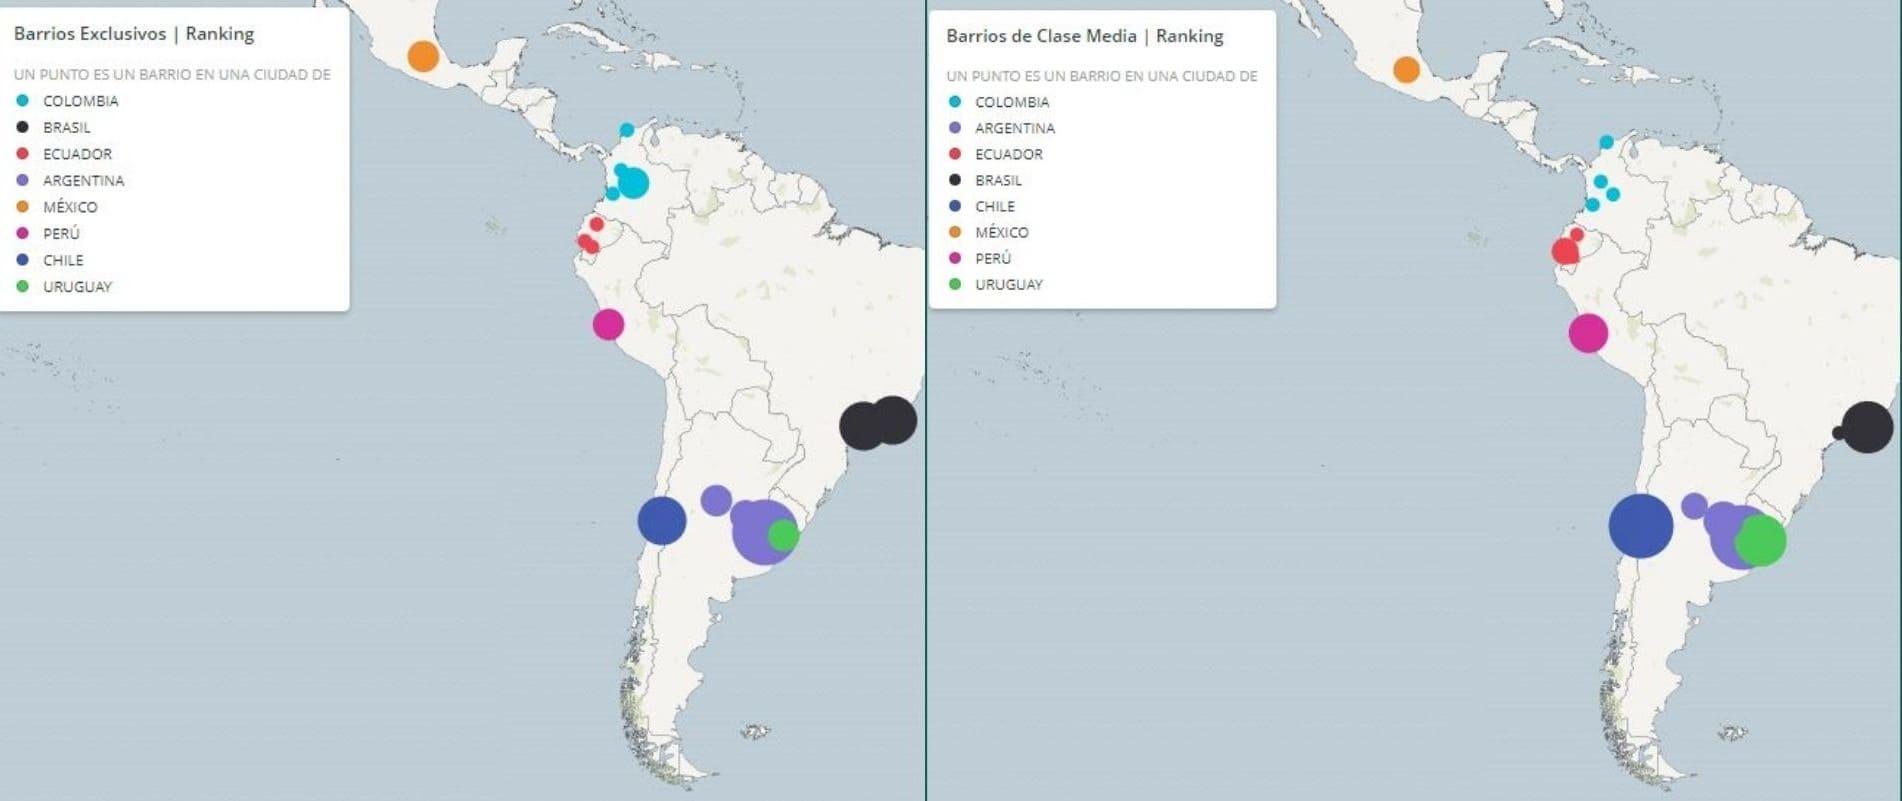 Barrios de Quito, Guayaquil y Cuenca, entre los más económicos de la región